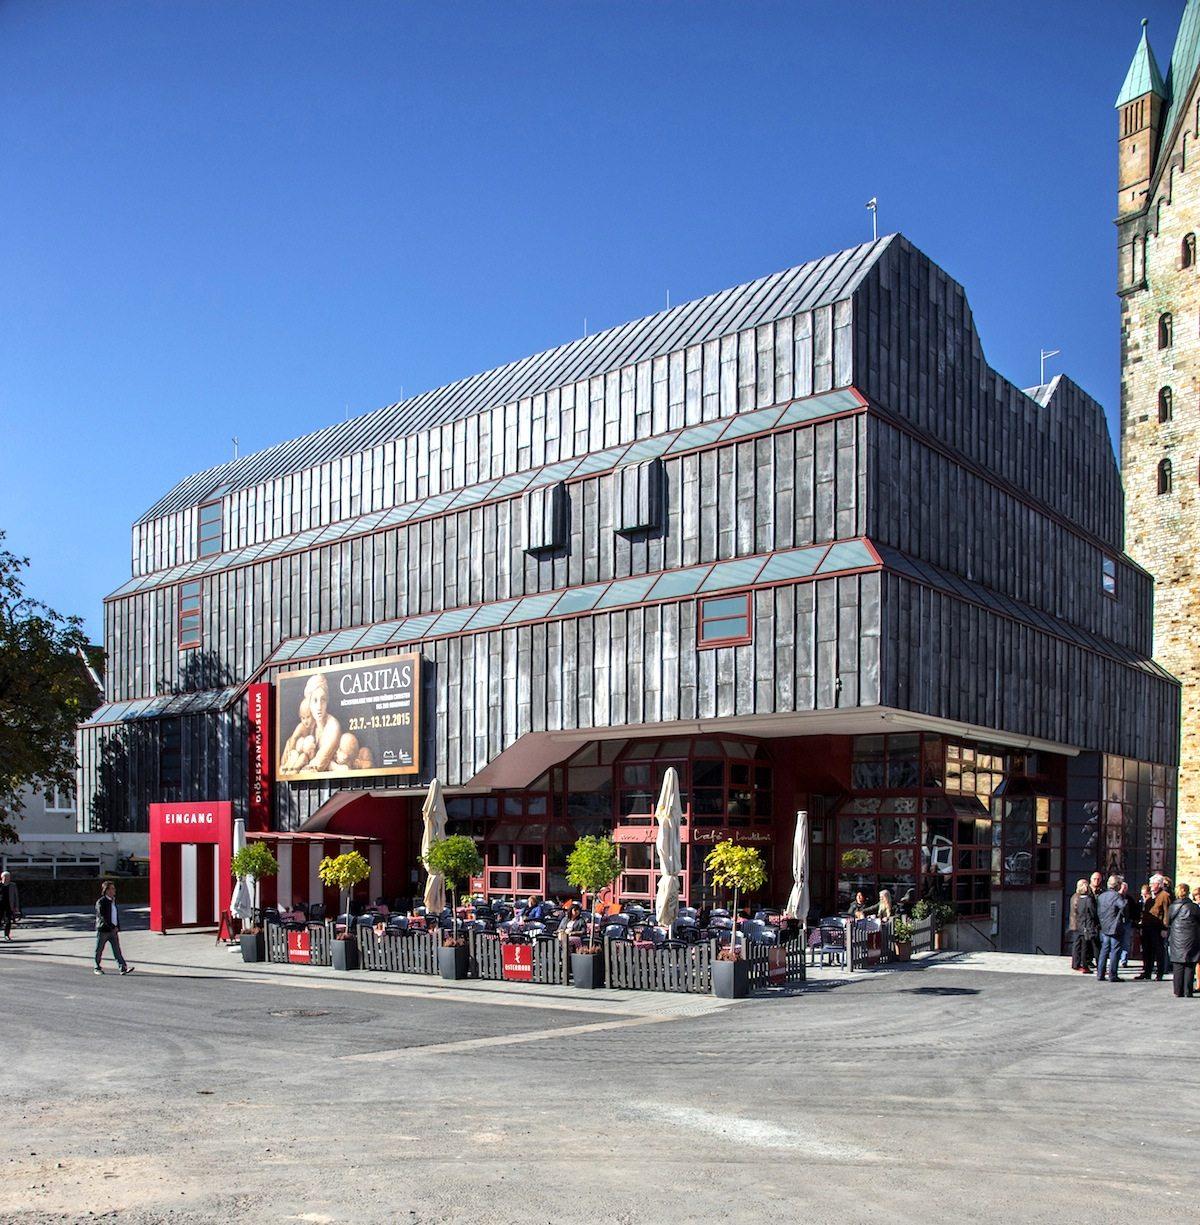 Die Wiedereröffnung.  Nach zweijähriger Bauzeit wurde das Haus am 18. Juni 1993 wiedereröffnet.